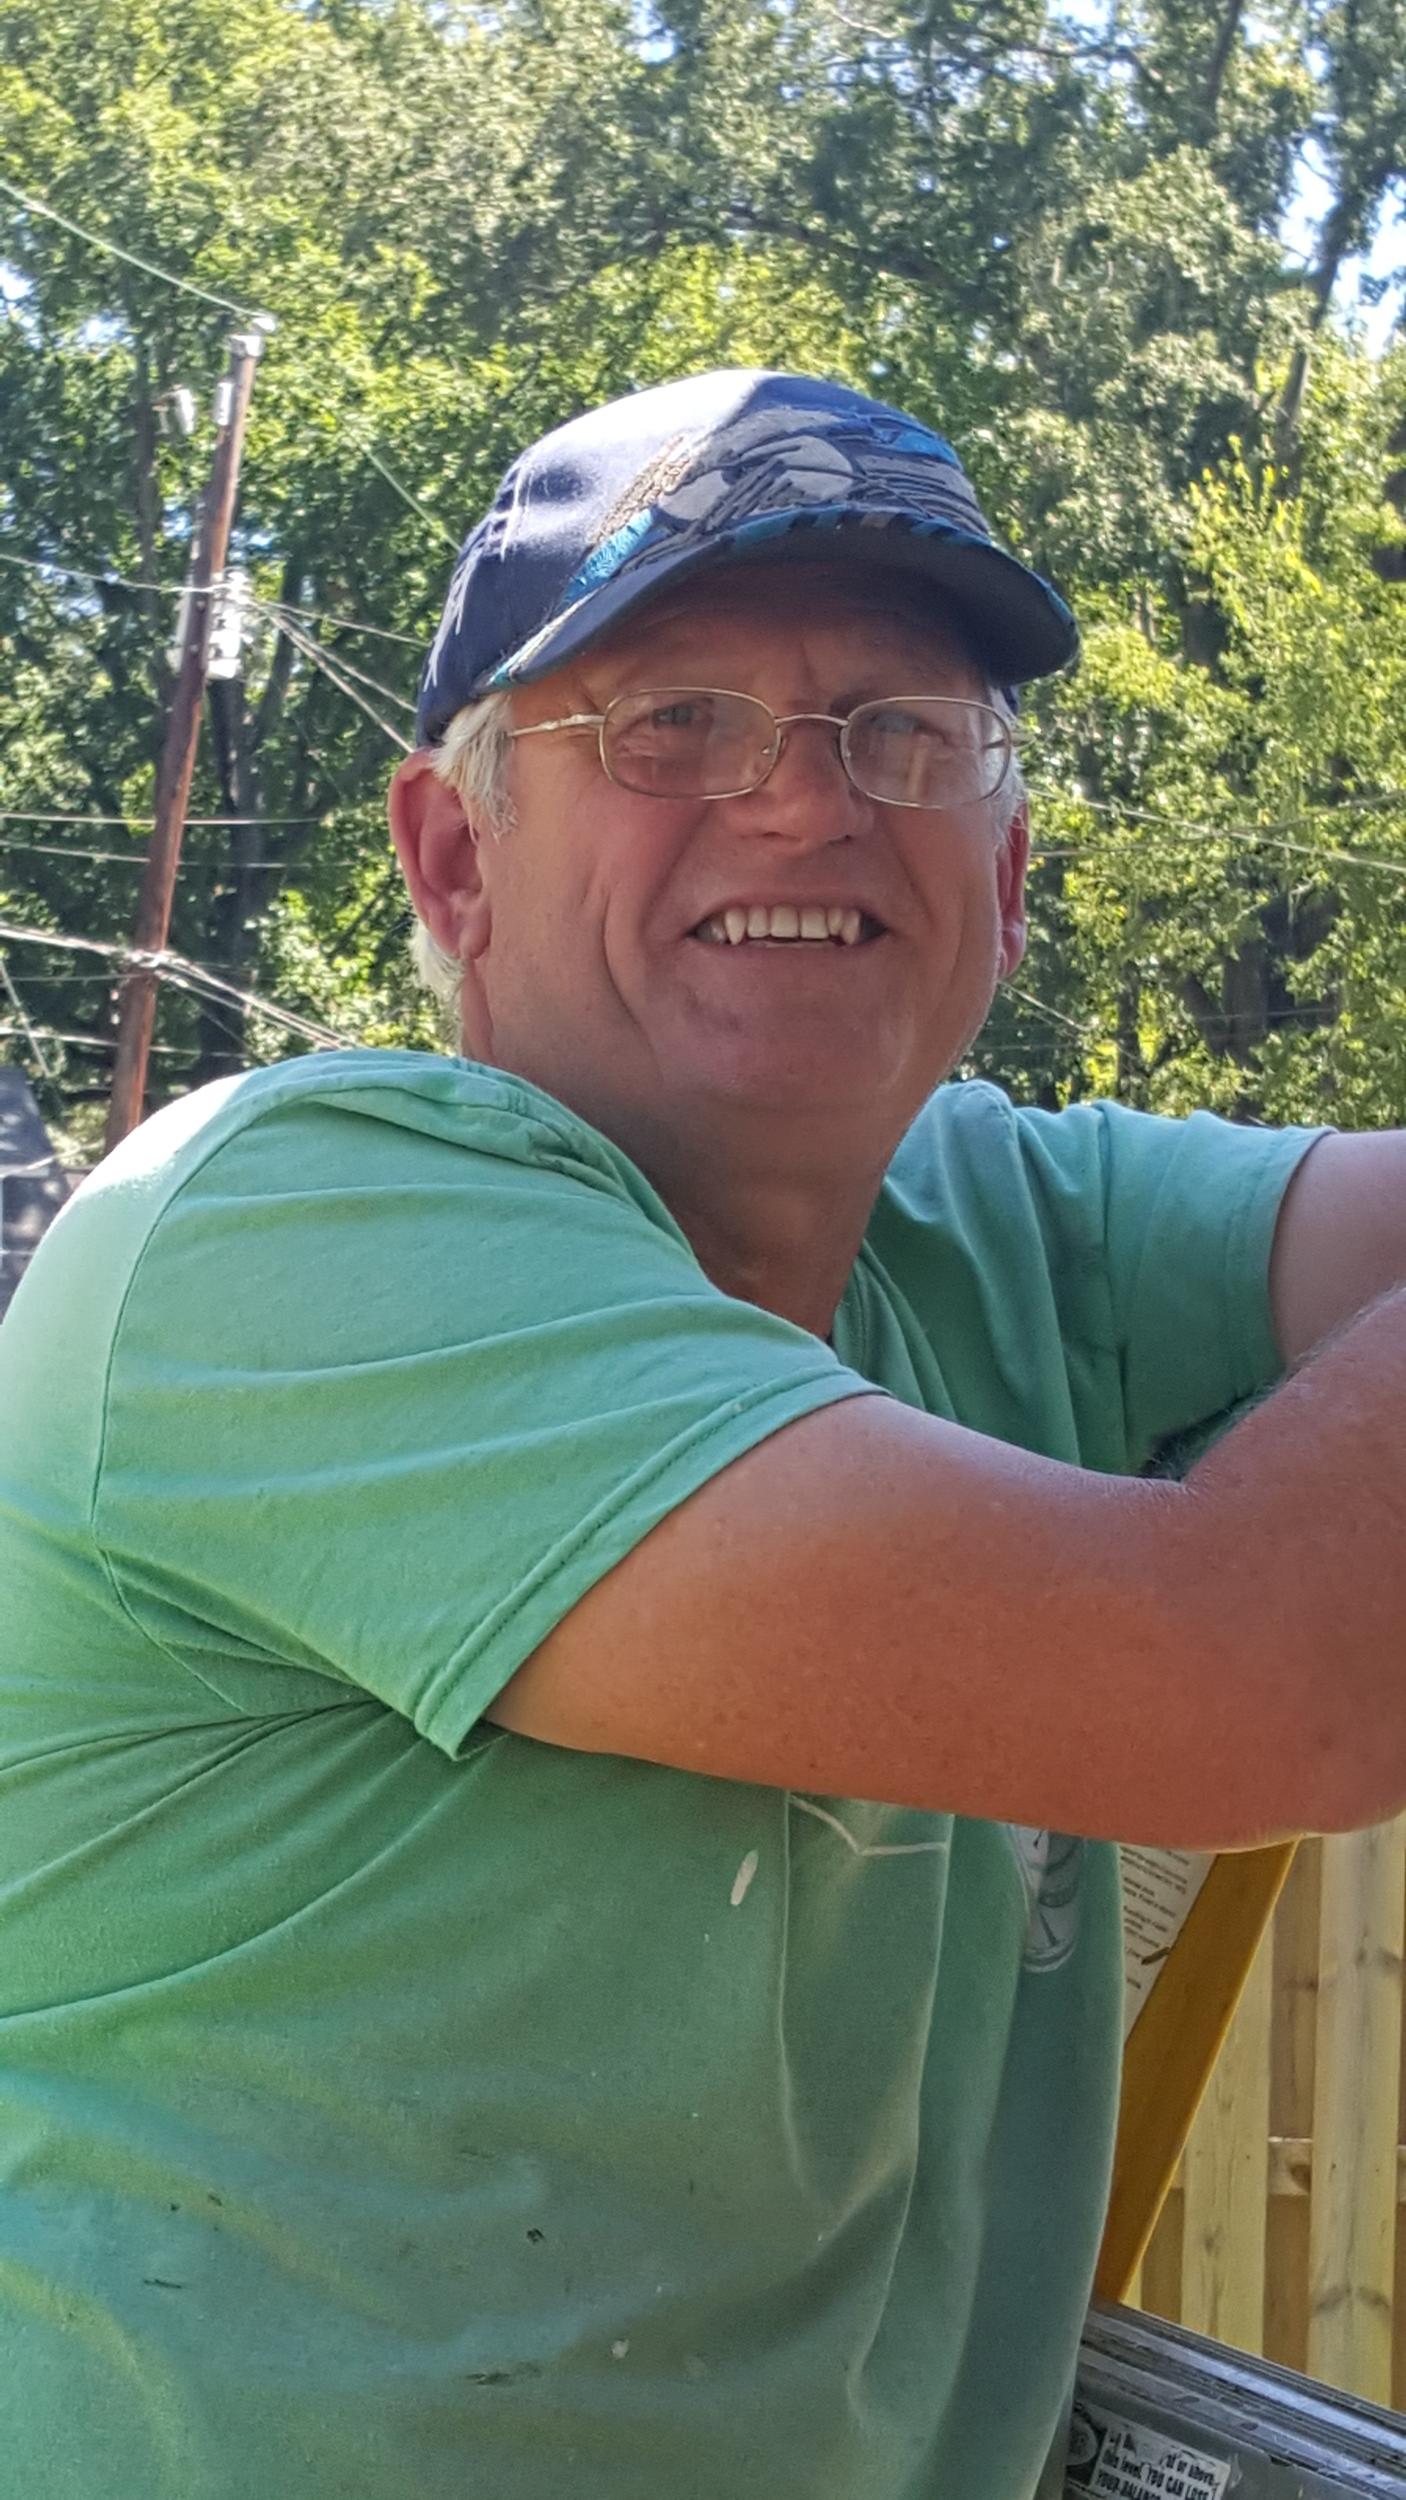 Steve Martz